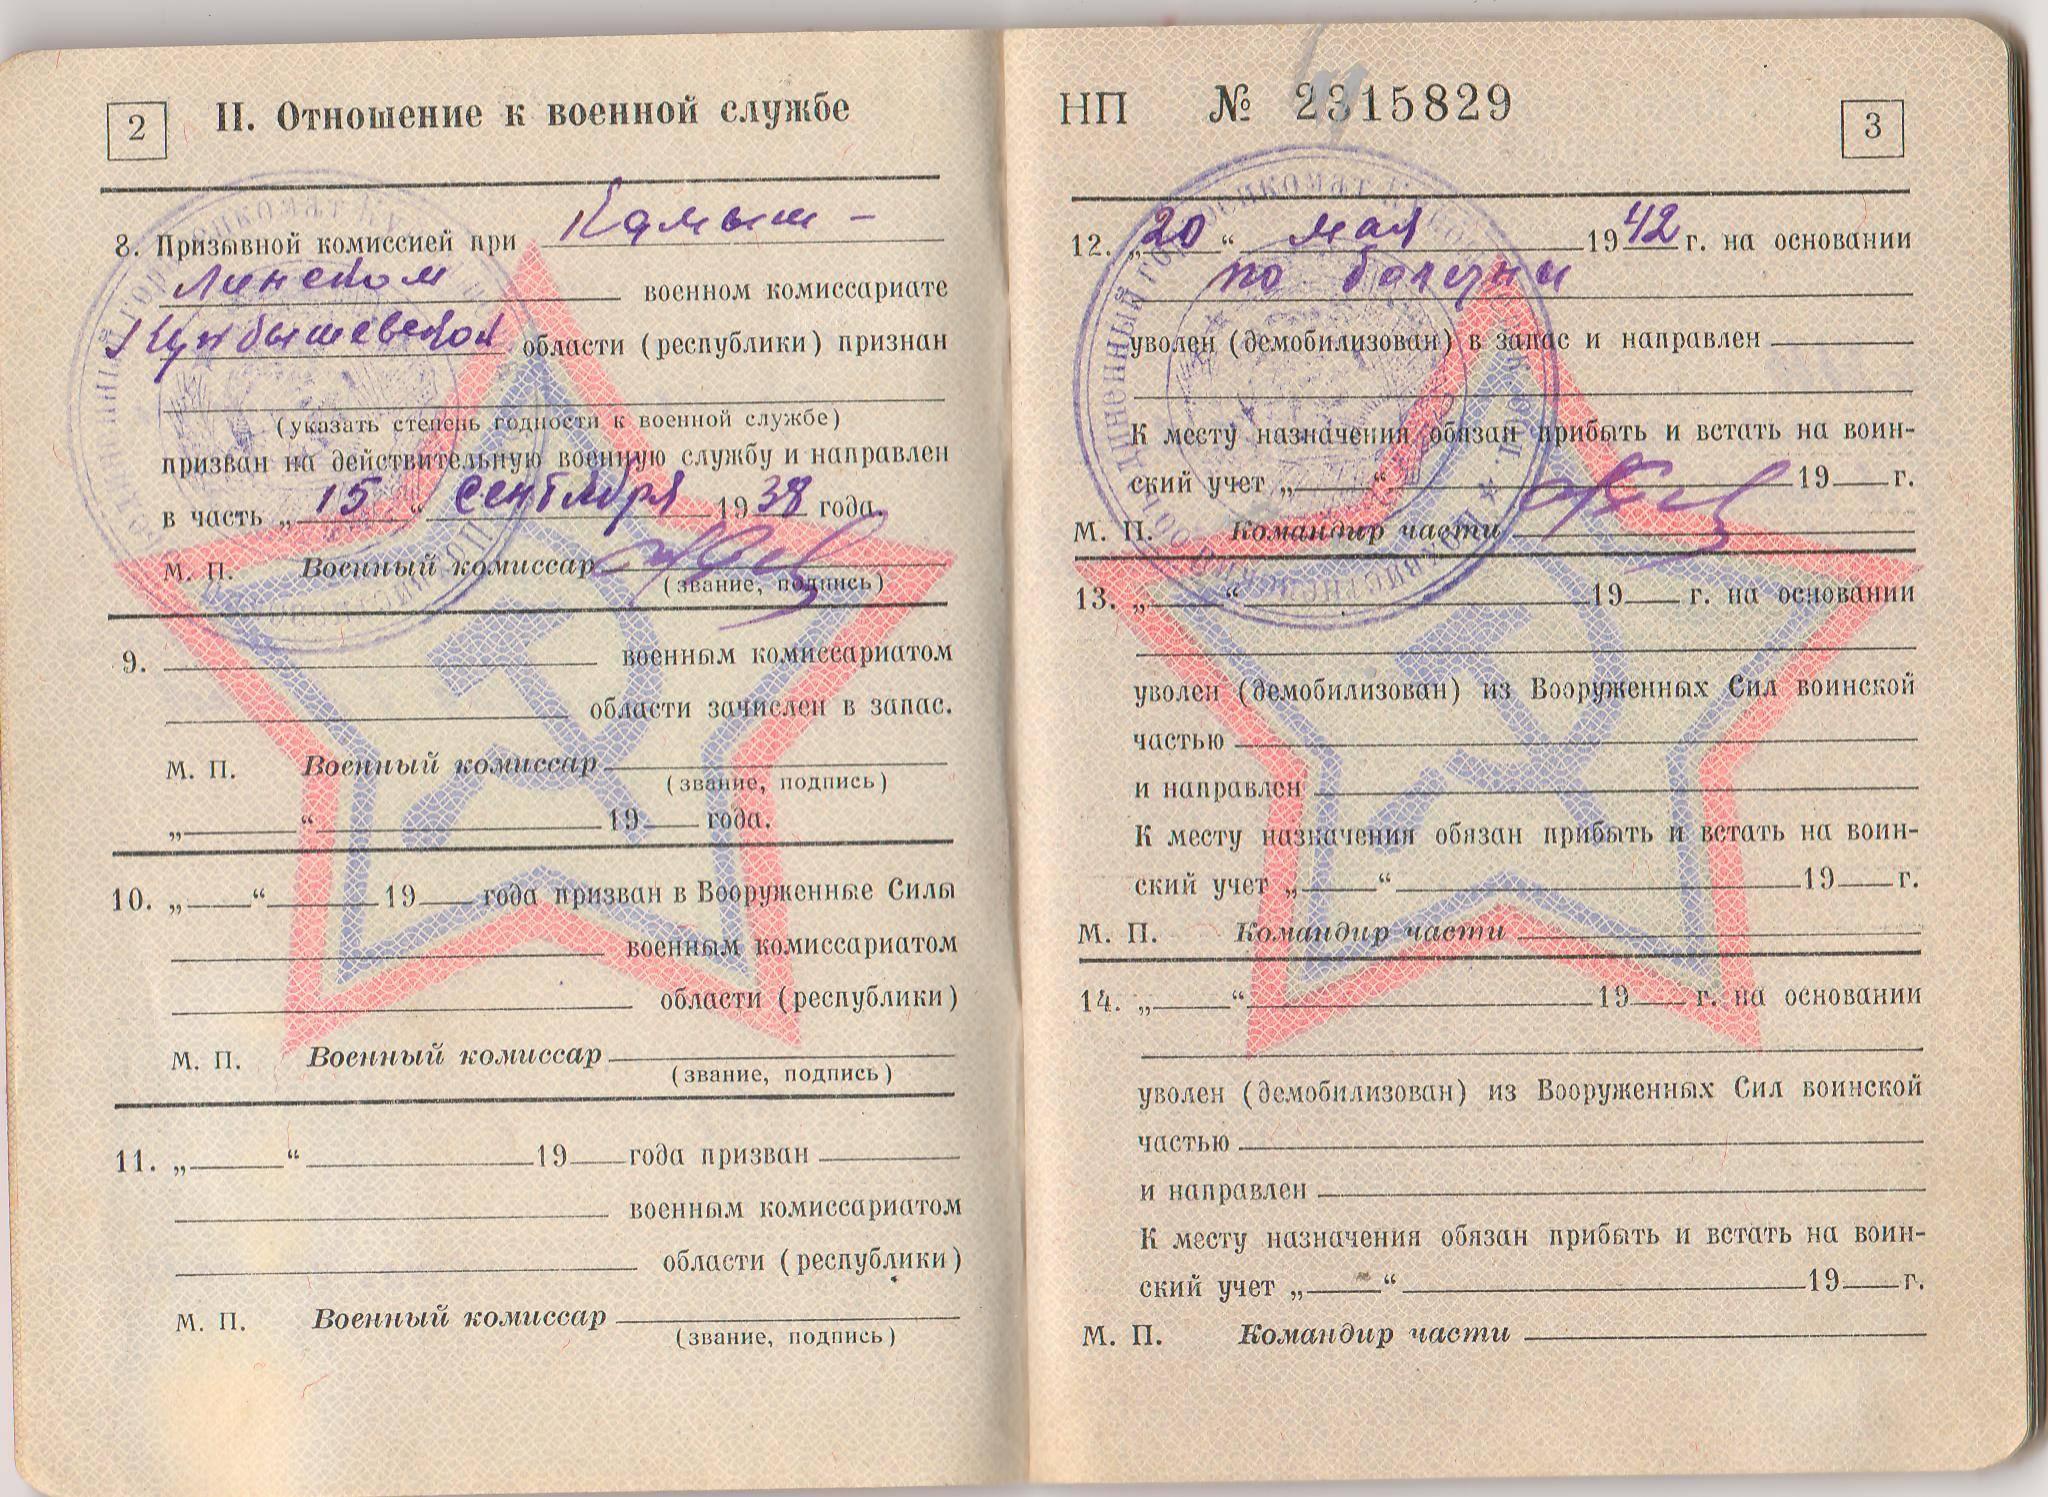 Как изменить статью в военном билете